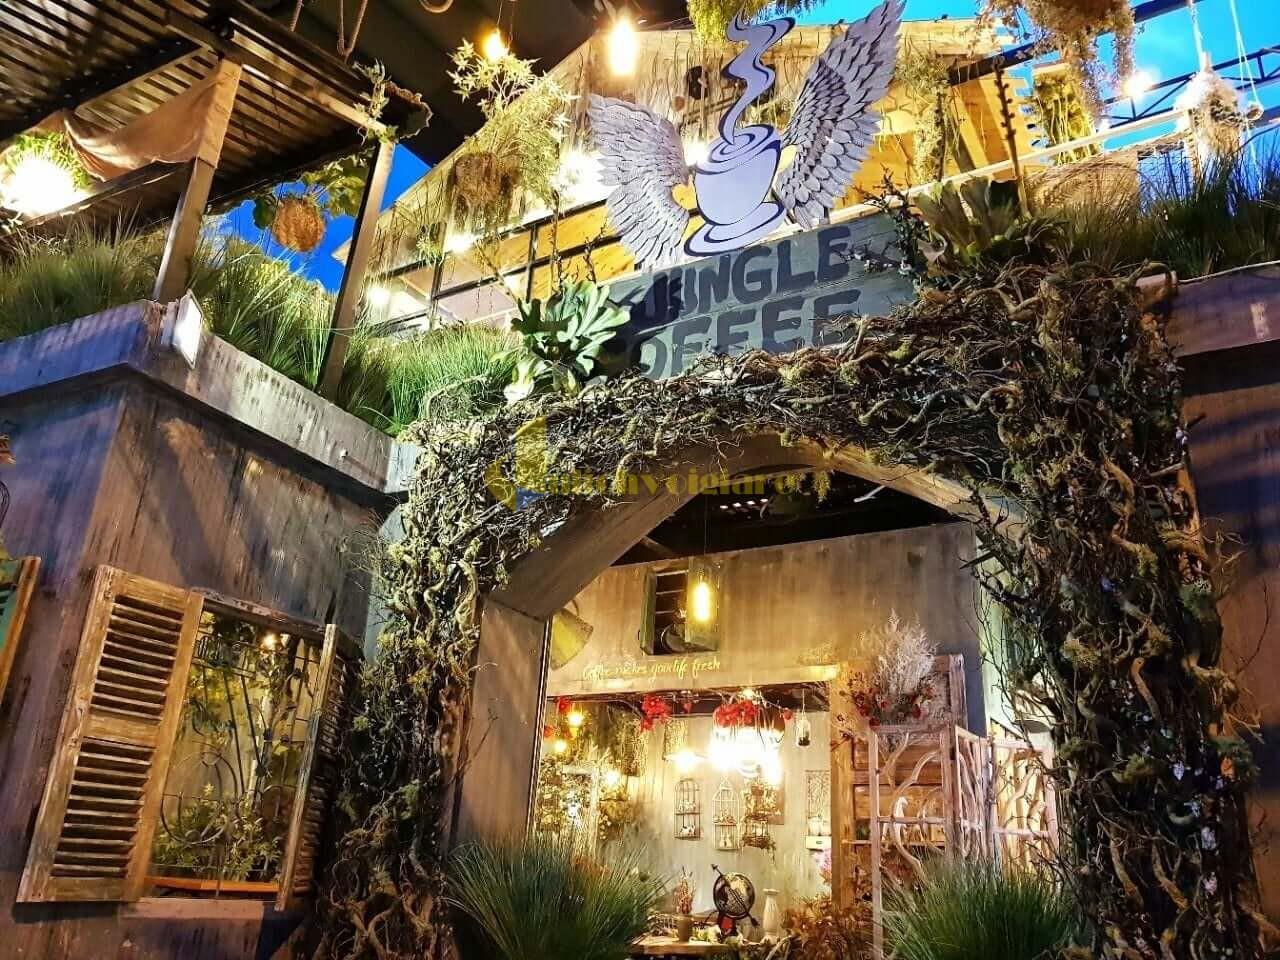 jungle-quan-ca-phe-thu-gian-o-nha-trang Top 10 Quán Cafe Nha Trang Đẹp Lung Linh